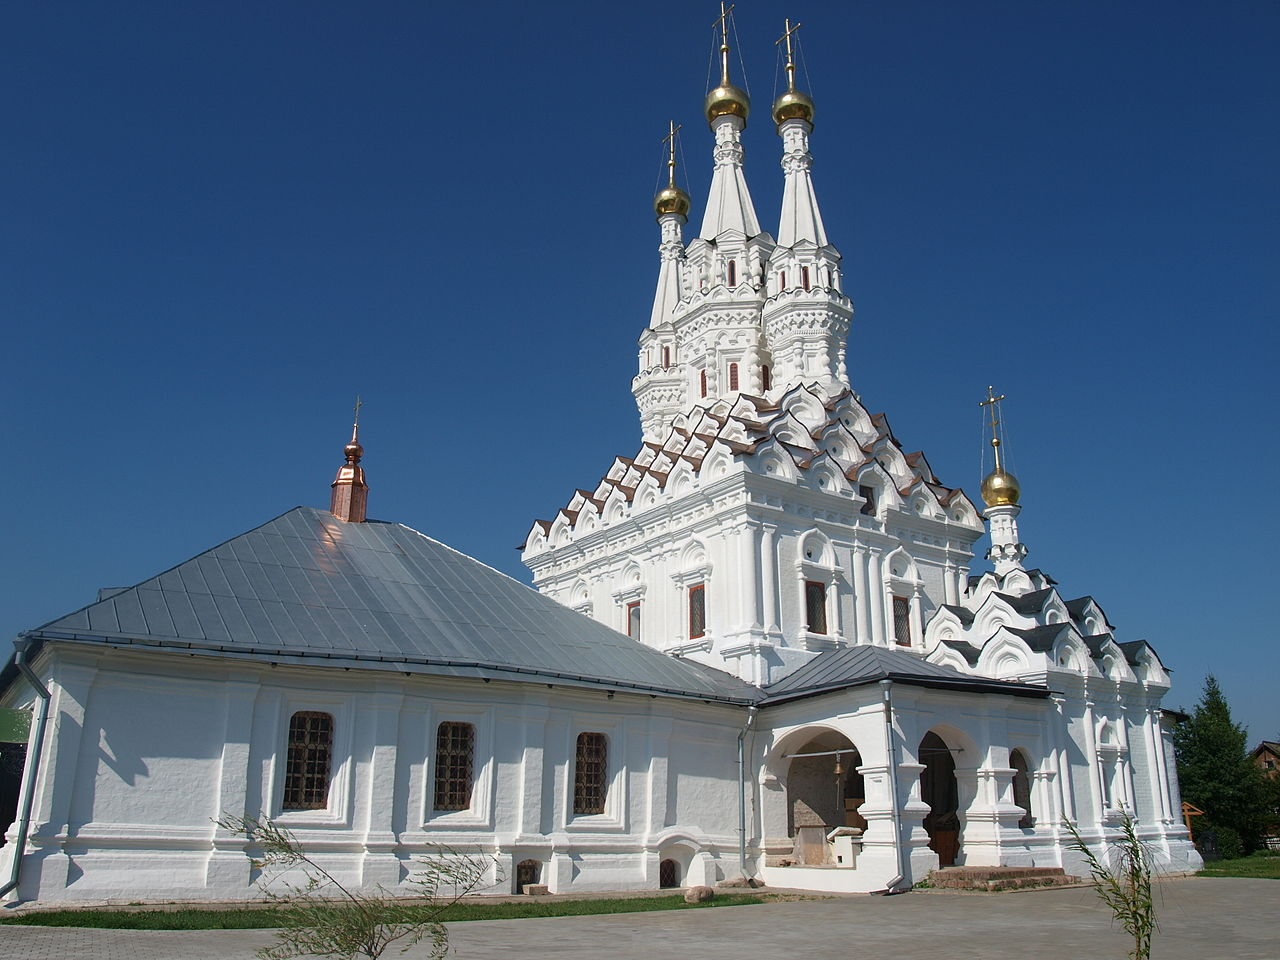 Вяземский Иоанно-Предтеченский монастырь, церковь Одигитрии